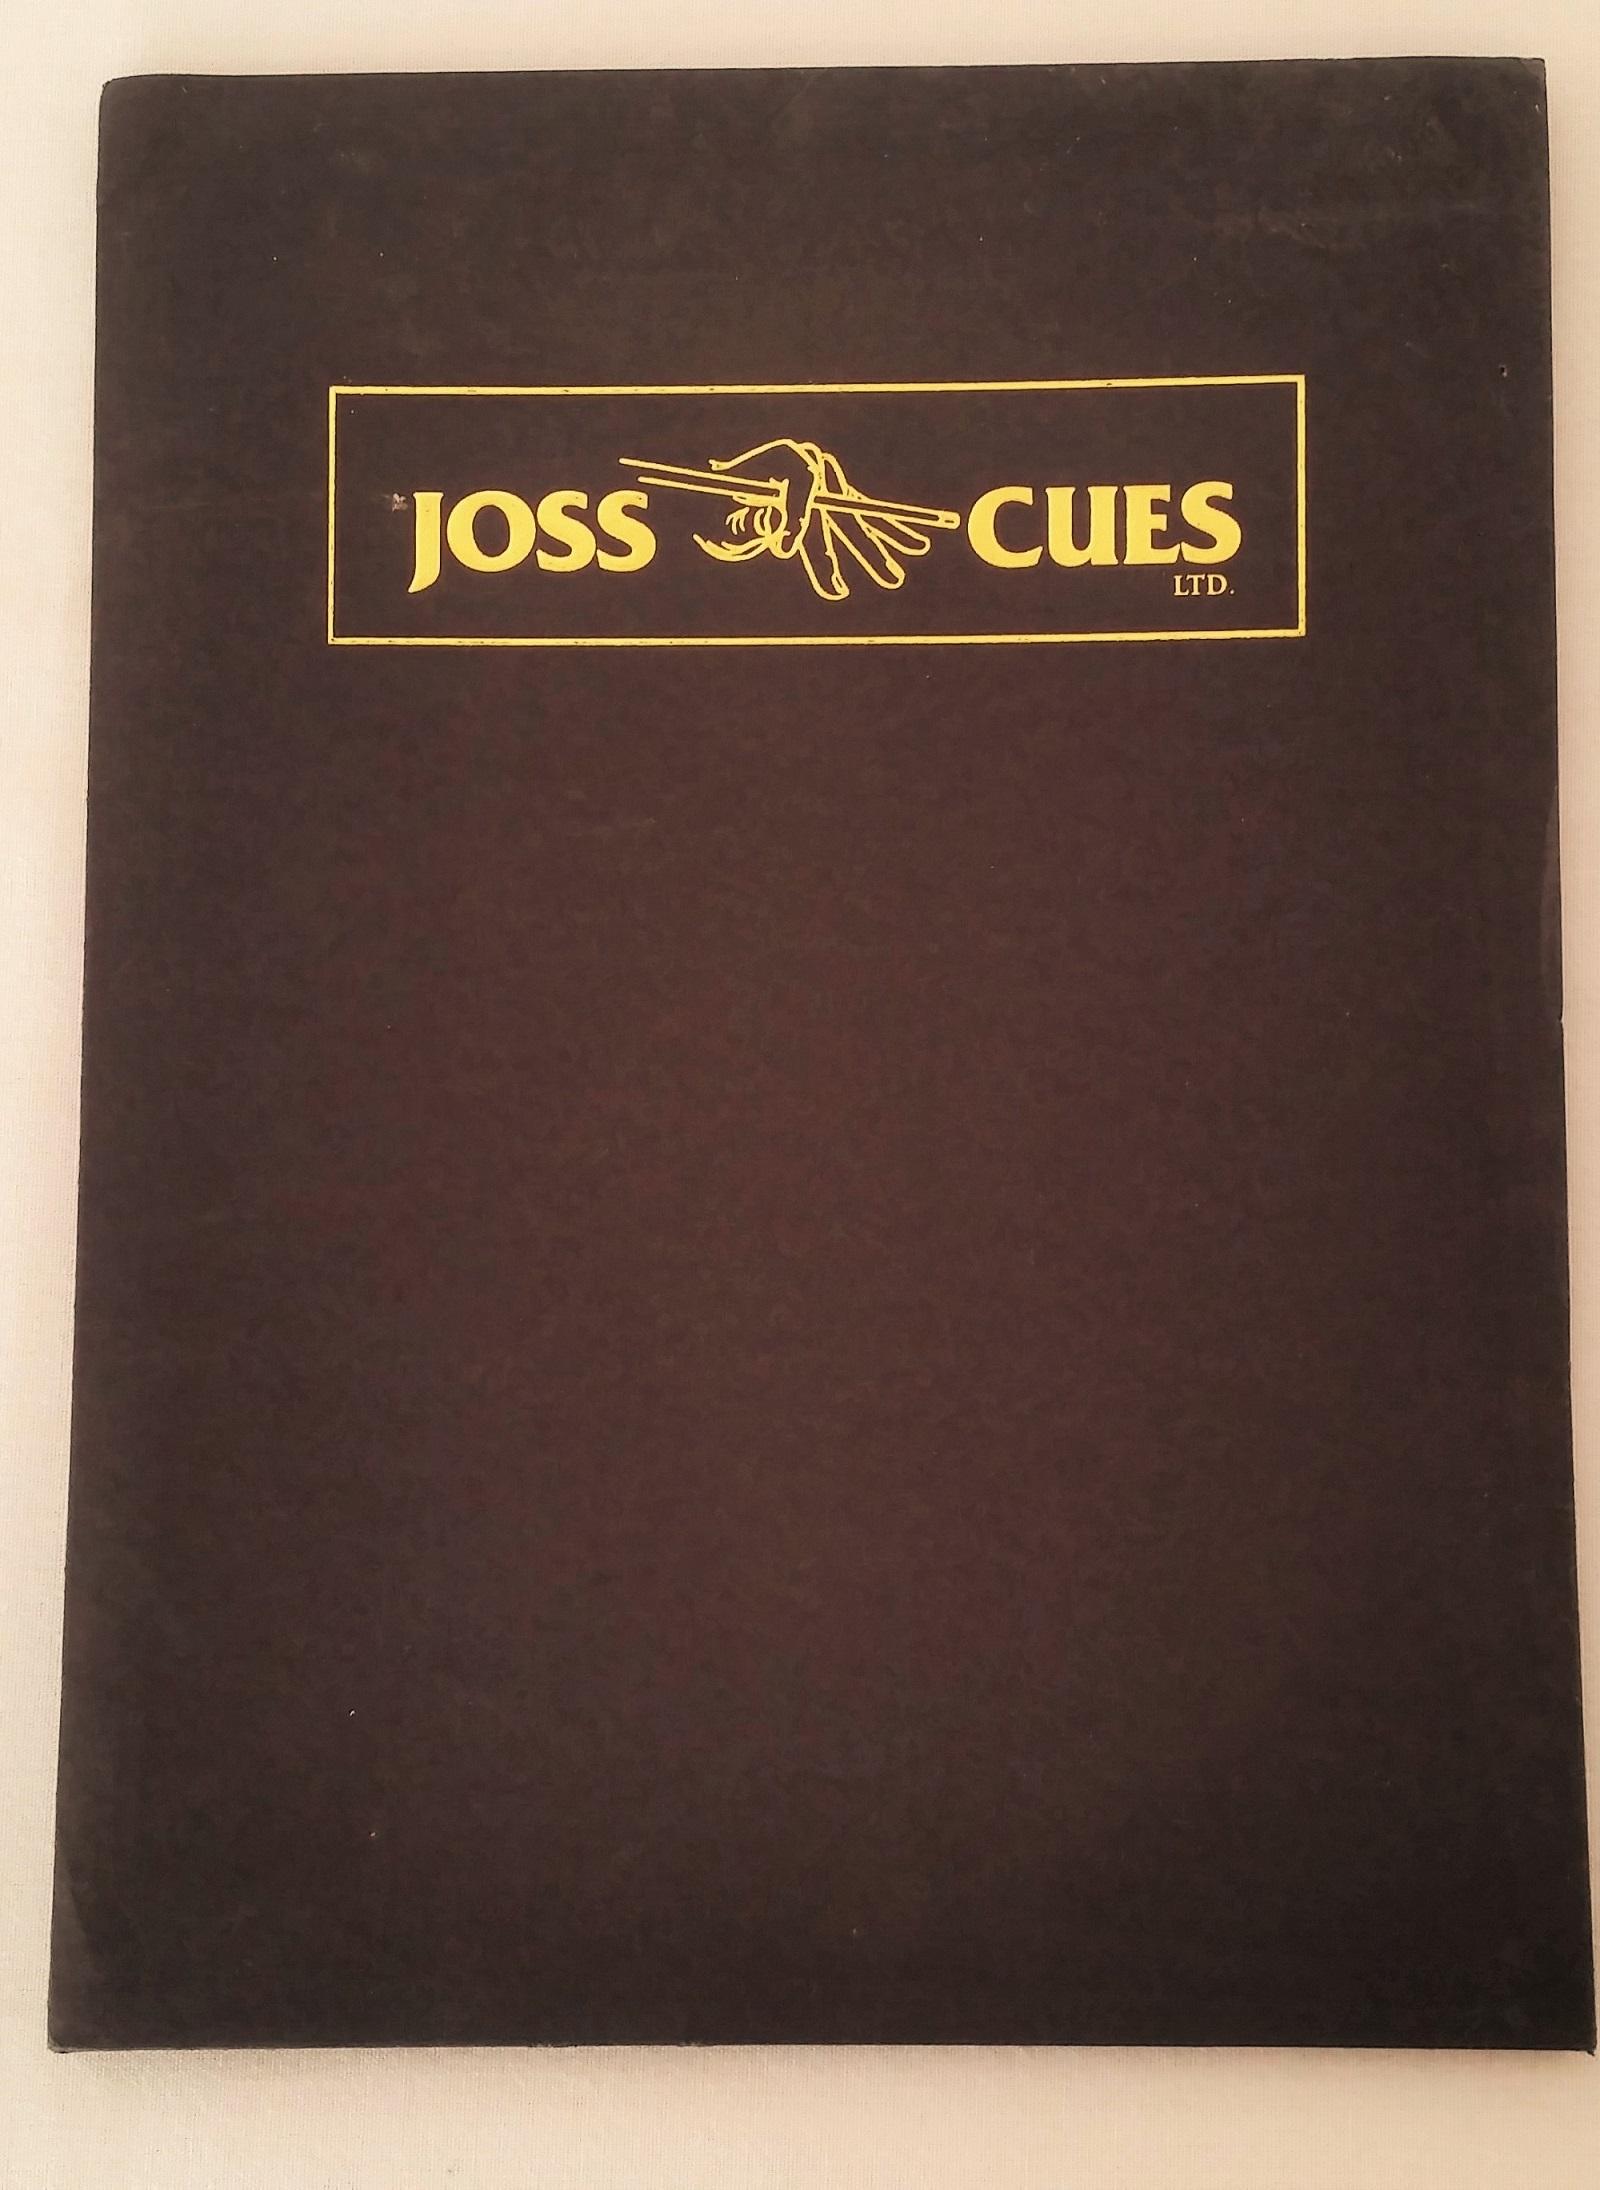 Joss-Cues-2-1